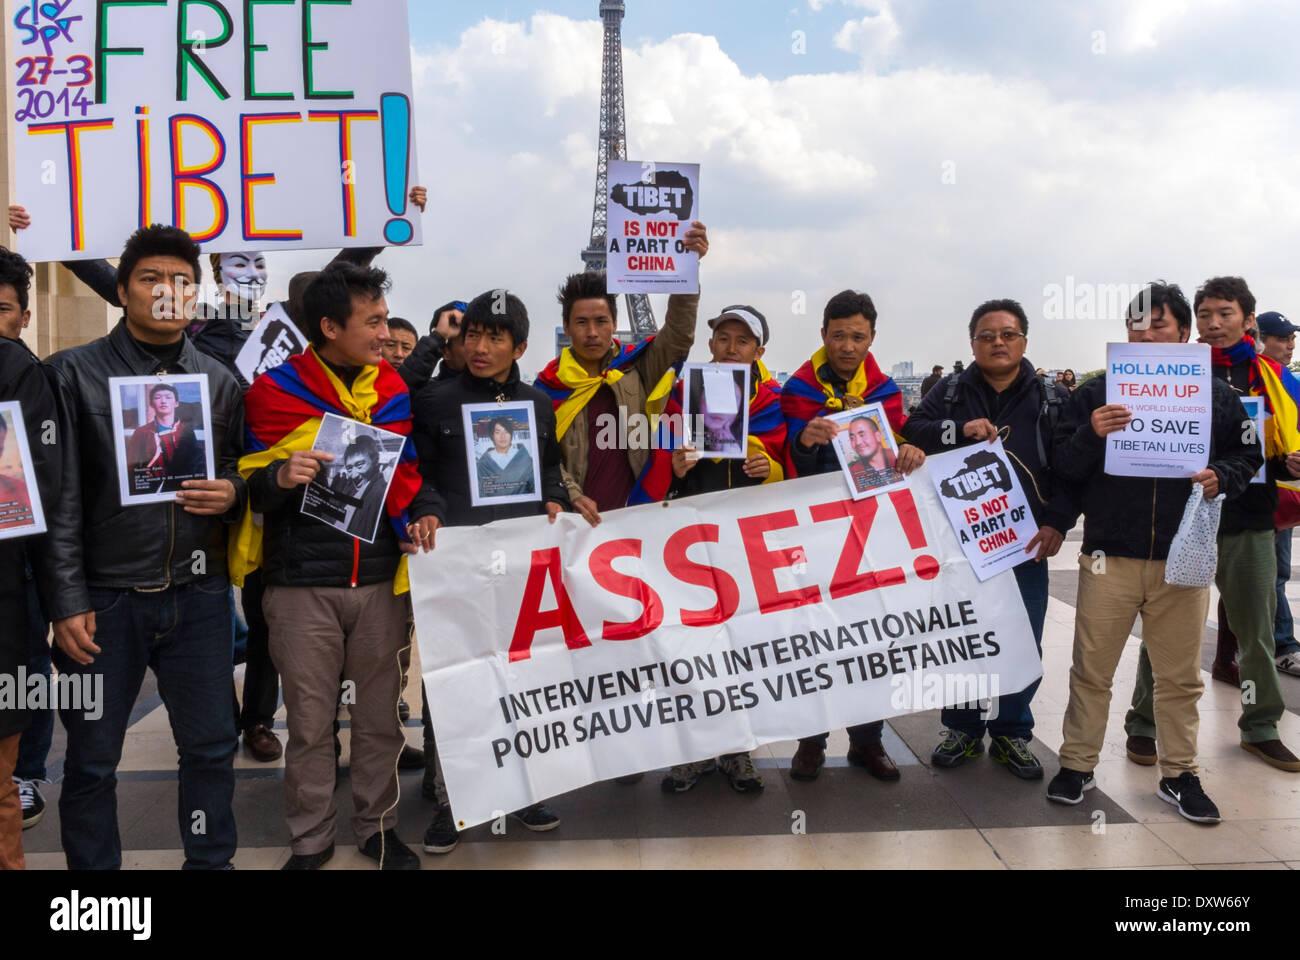 Le Tibétain, les communautés ethniques taiwanais de la France, et les amis ont appelé à des citoyens français à se mobiliser au cours de la visite du président chinois à Paris, foule Holding pancartes 'Free Tibet' assez d Banque D'Images